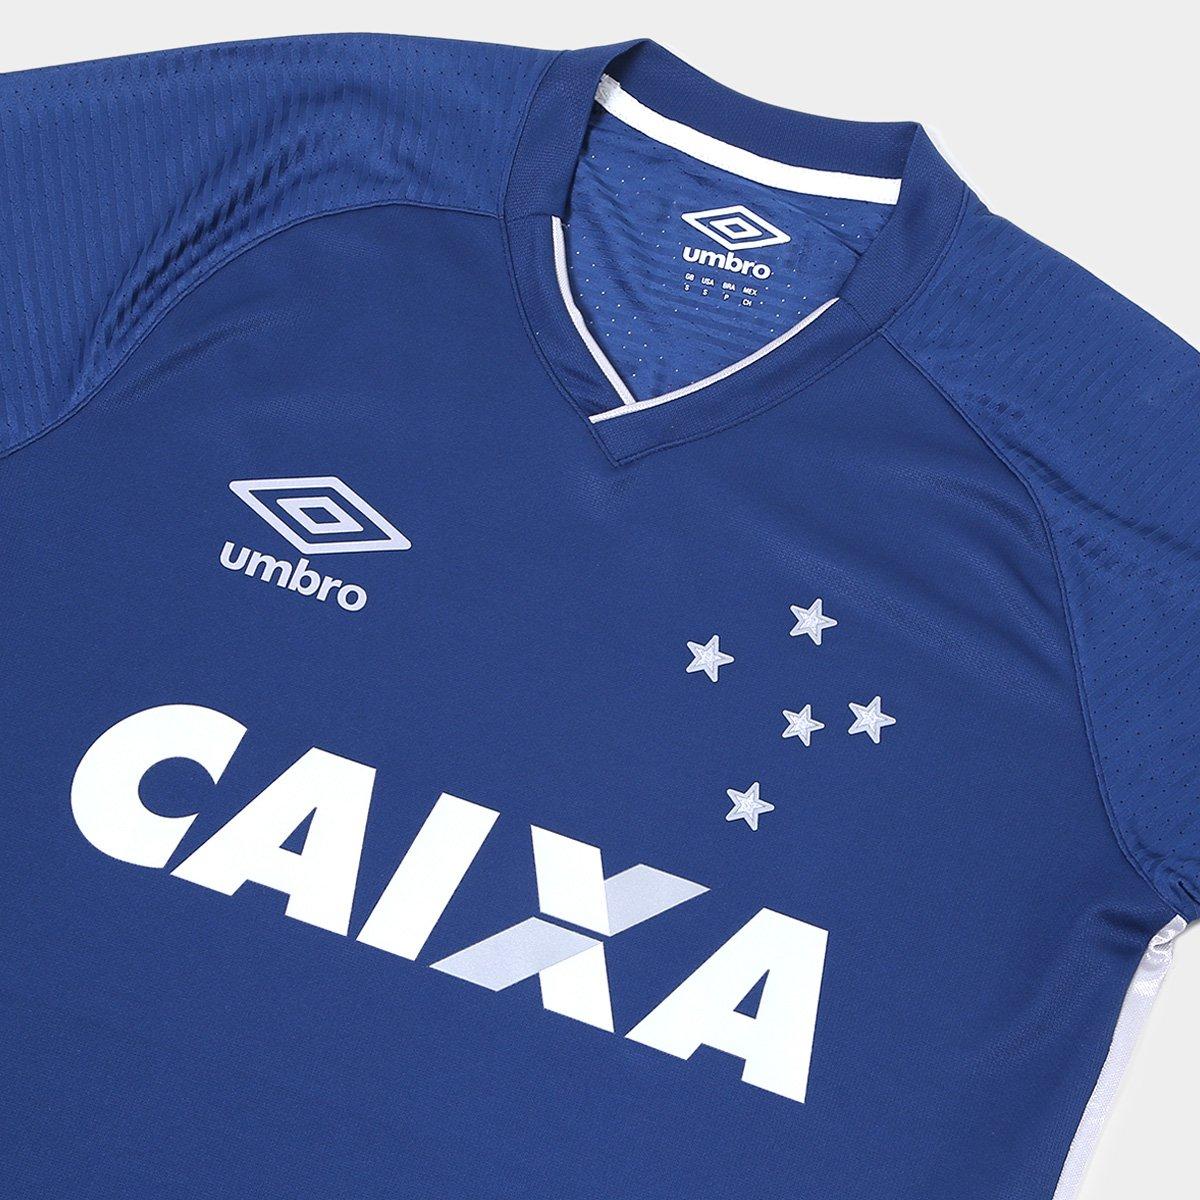 c6ea4bf1ff Camisa Cruzeiro III 17 18 s n° - Torcedor Umbro Masculina - Compre ...